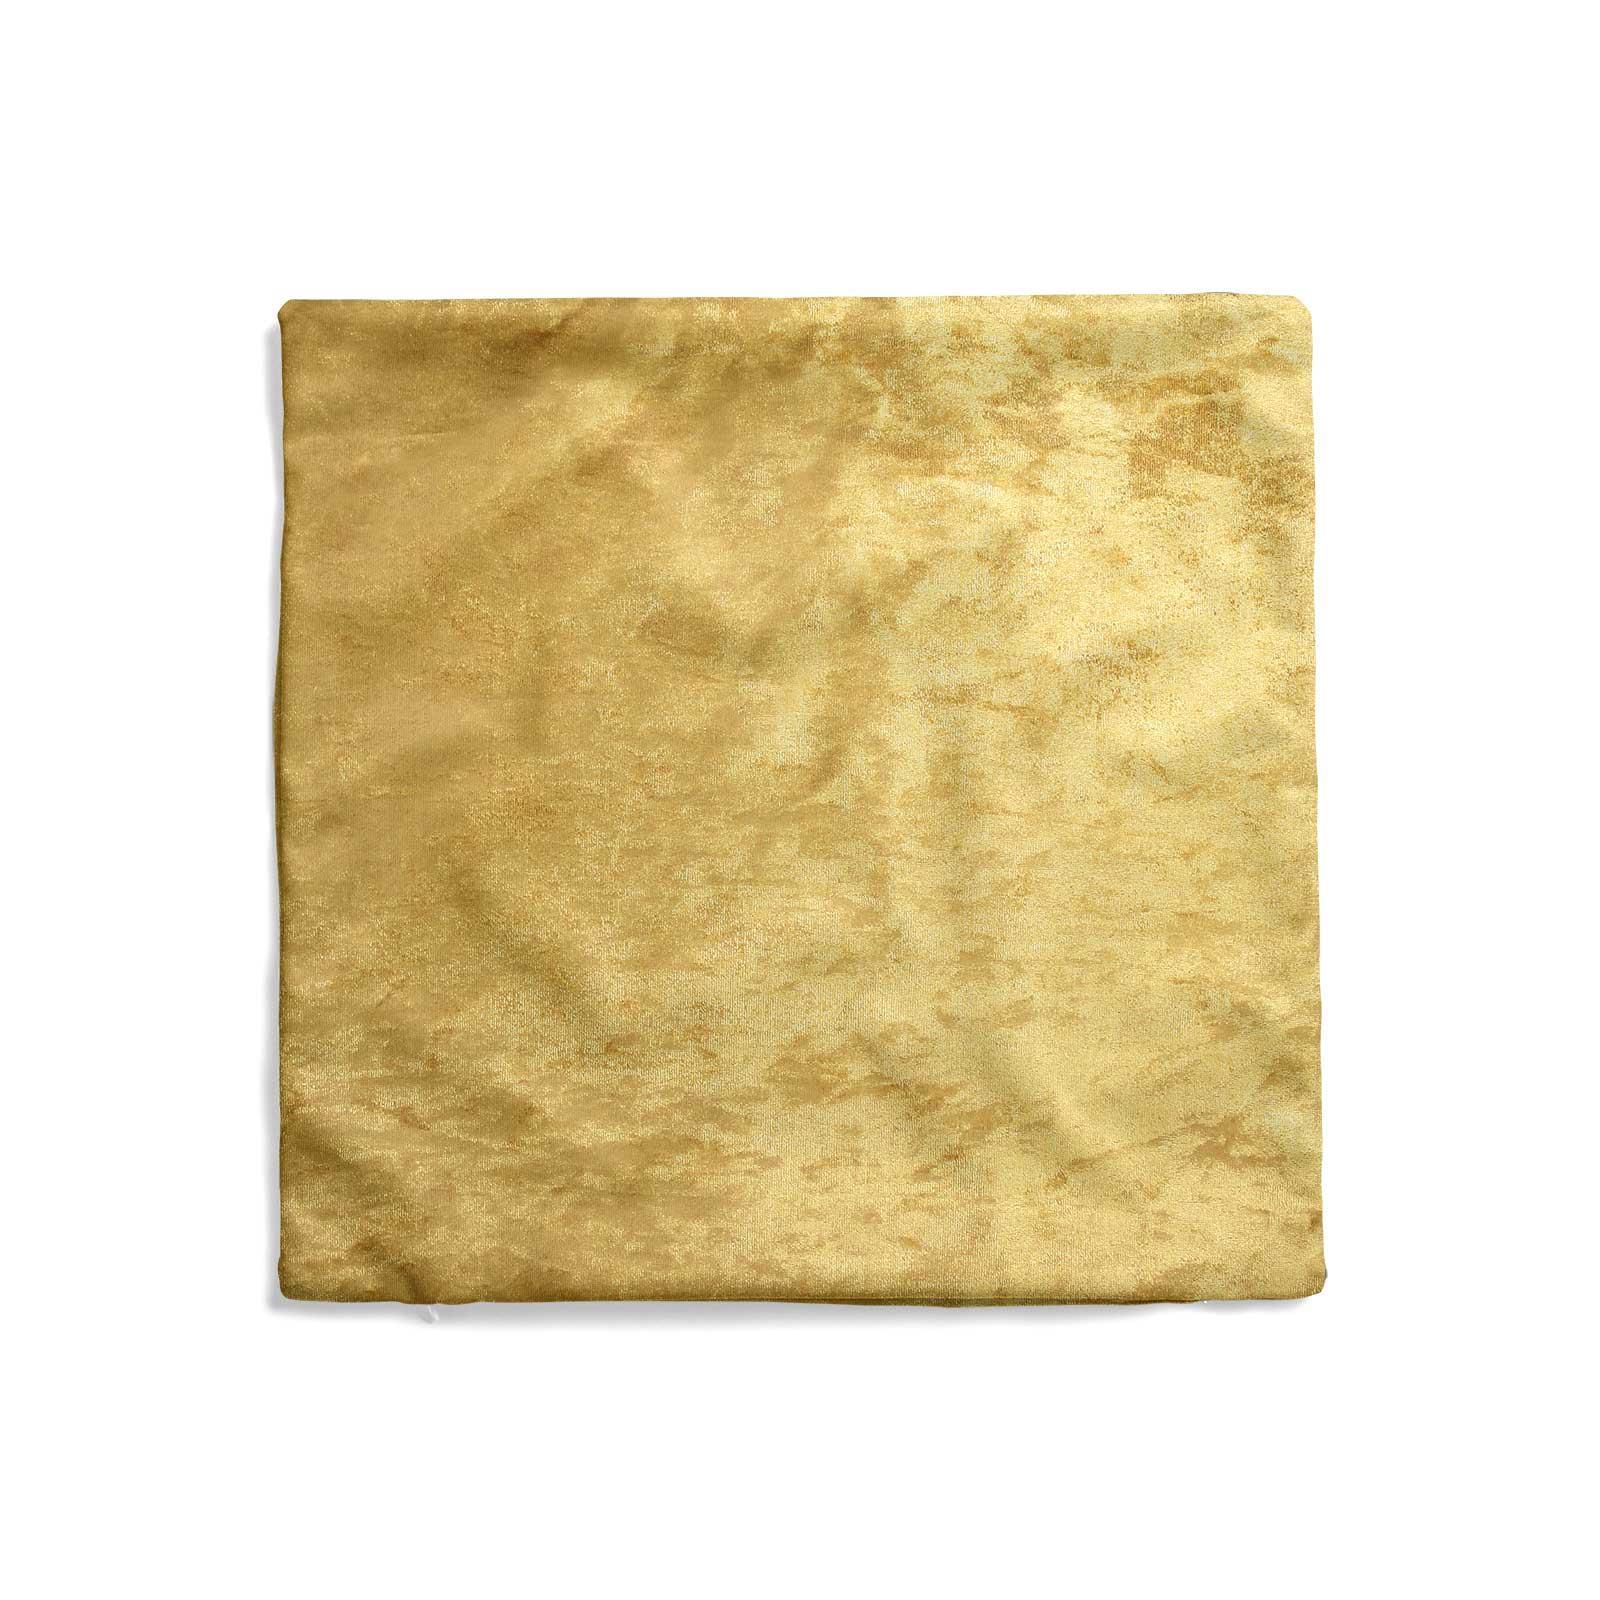 Cuscino-di-velluto-schiacciato-copre-GLAM-Tinta-Unita-Copricuscino-18-034-x-18-034-45cm-x-45cm miniatura 10